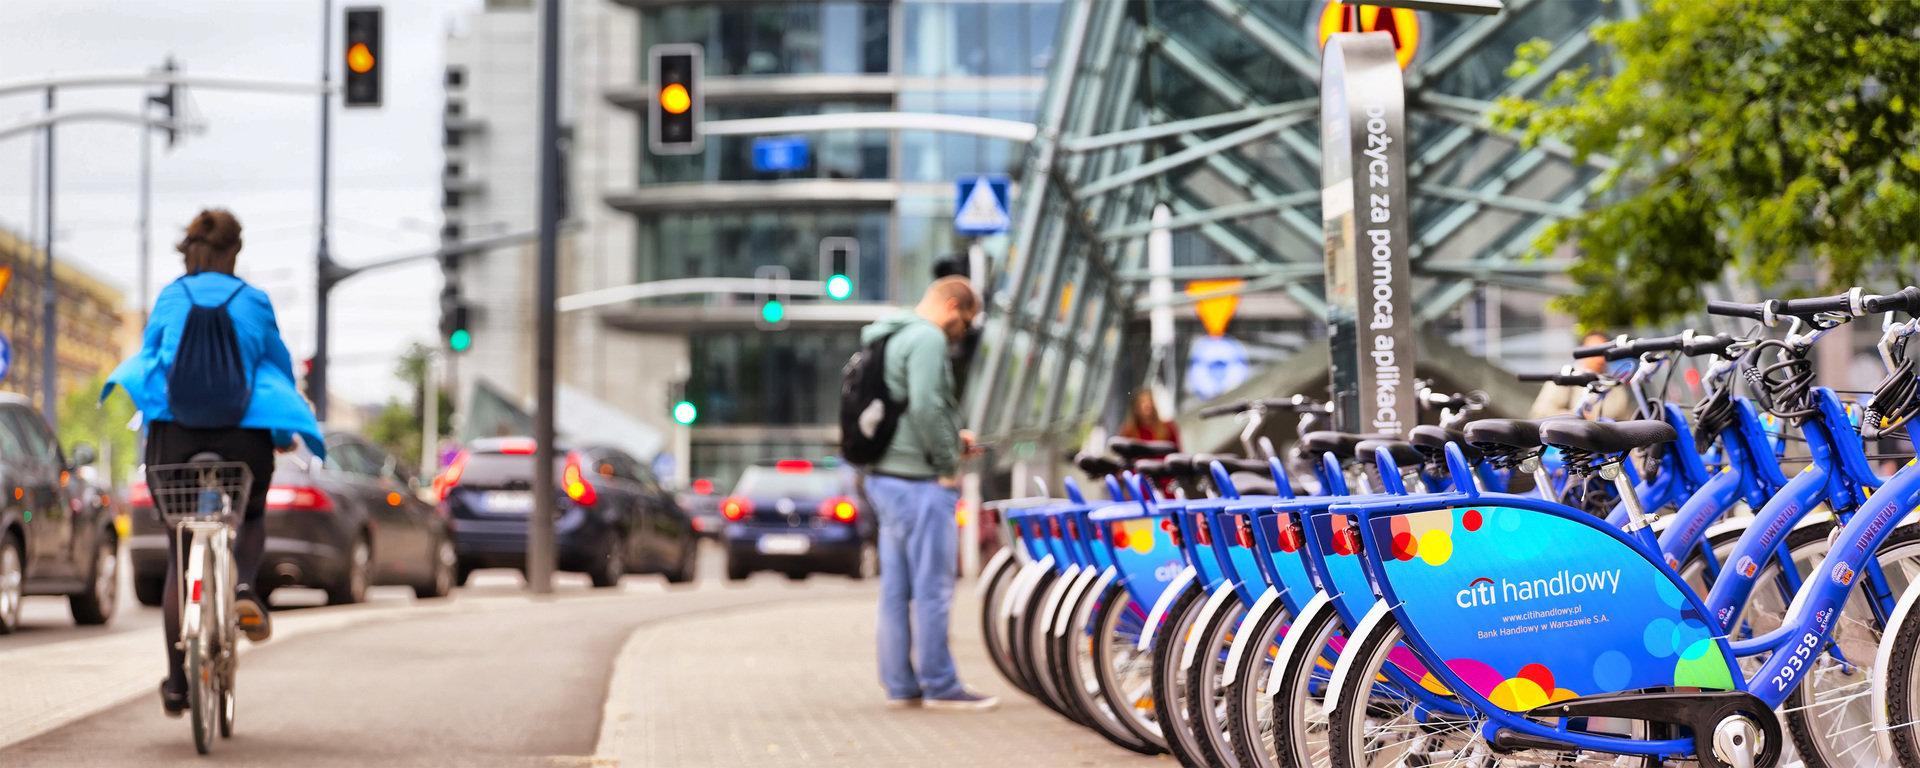 Citi Handlowy Bikes pomogą walczyć ze smogiem w Warszawie